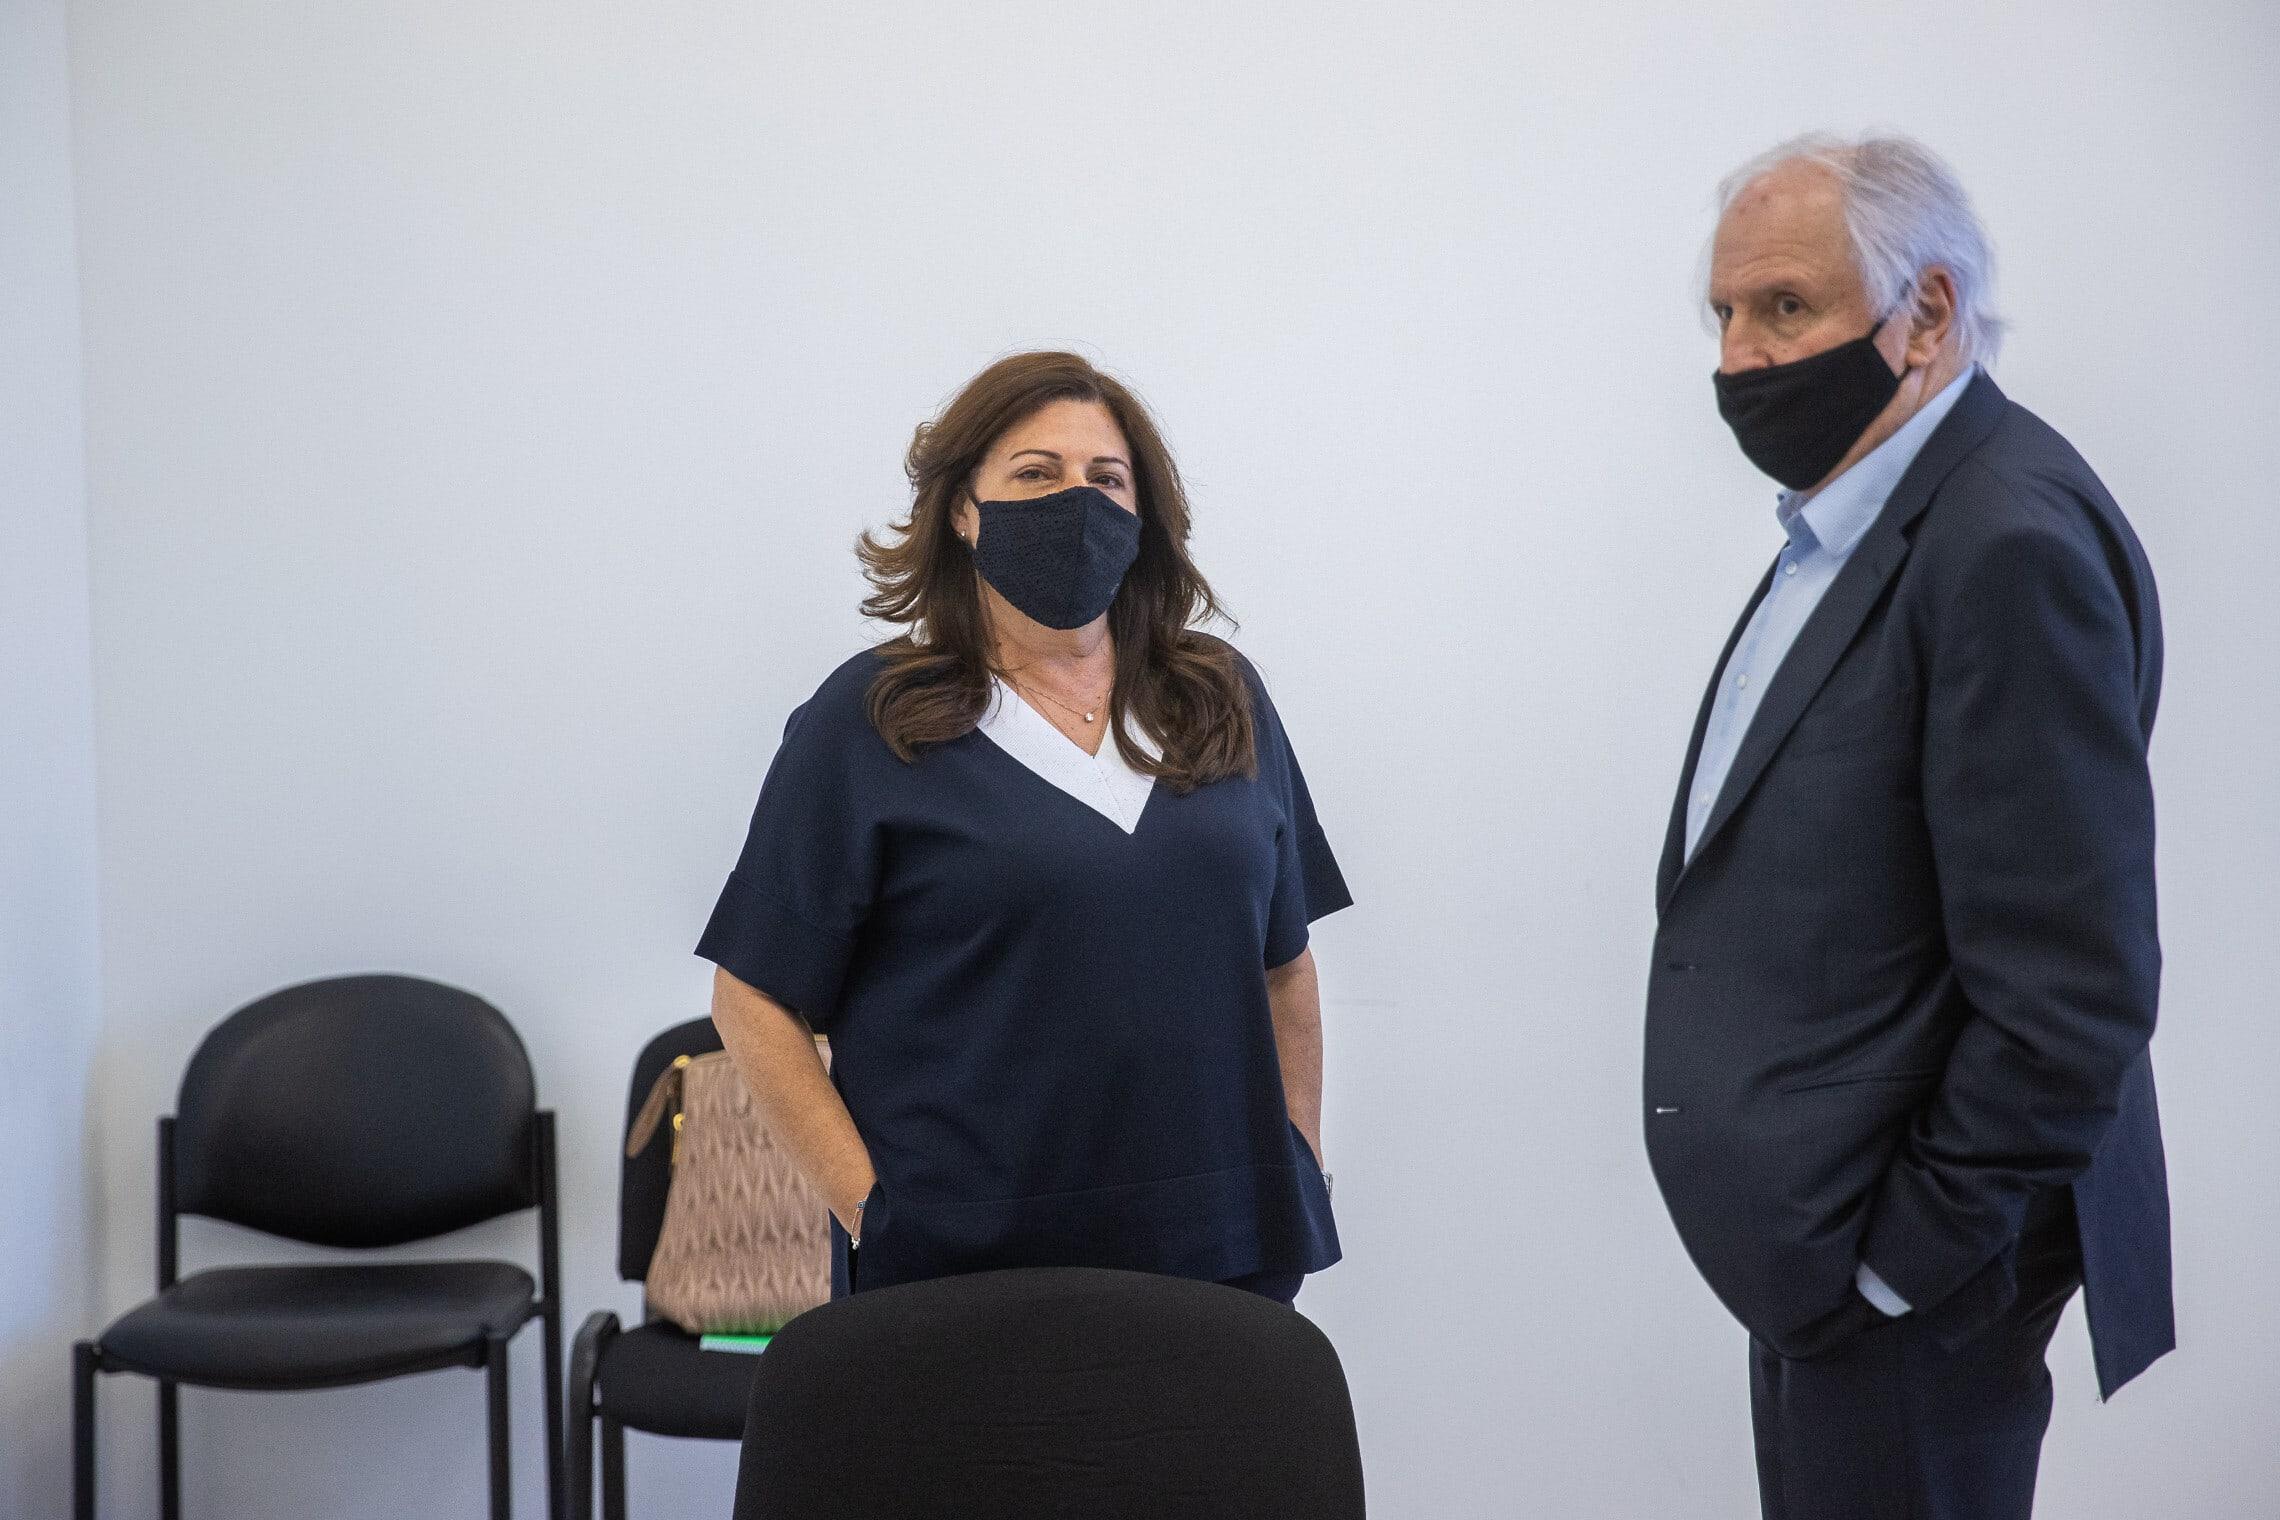 שאול ואיריס אלוביץ' בבית המשפט המחוזי בירושלים, 18 במאי 2021 (צילום: יונתן זינדל/פלאש90)